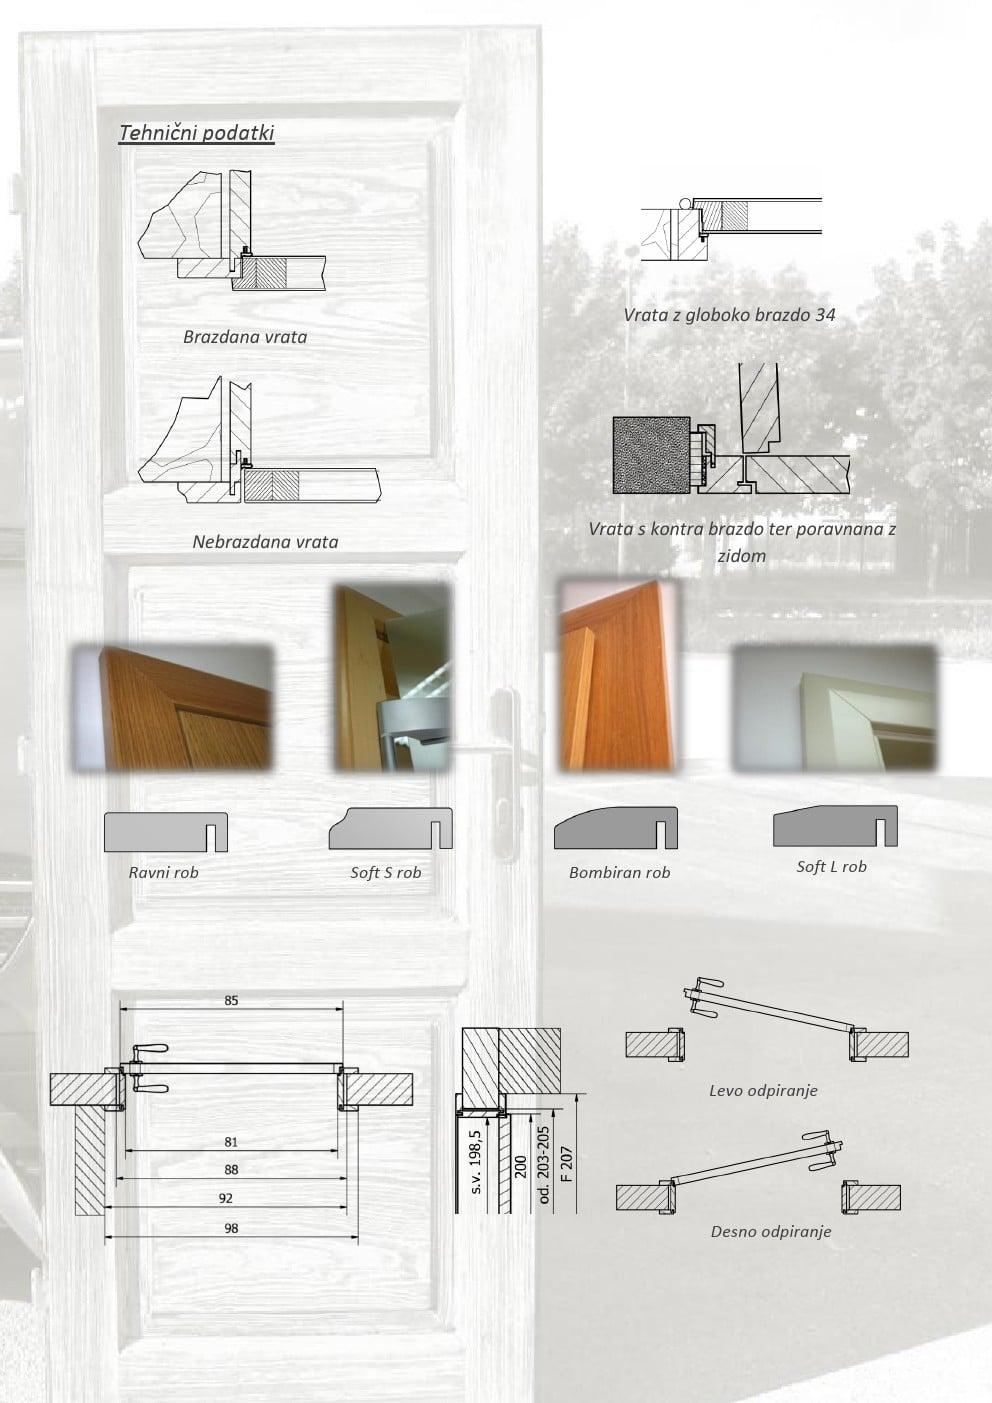 Kako izbrati prava notranja vrata - Možne izvedbe podbojev